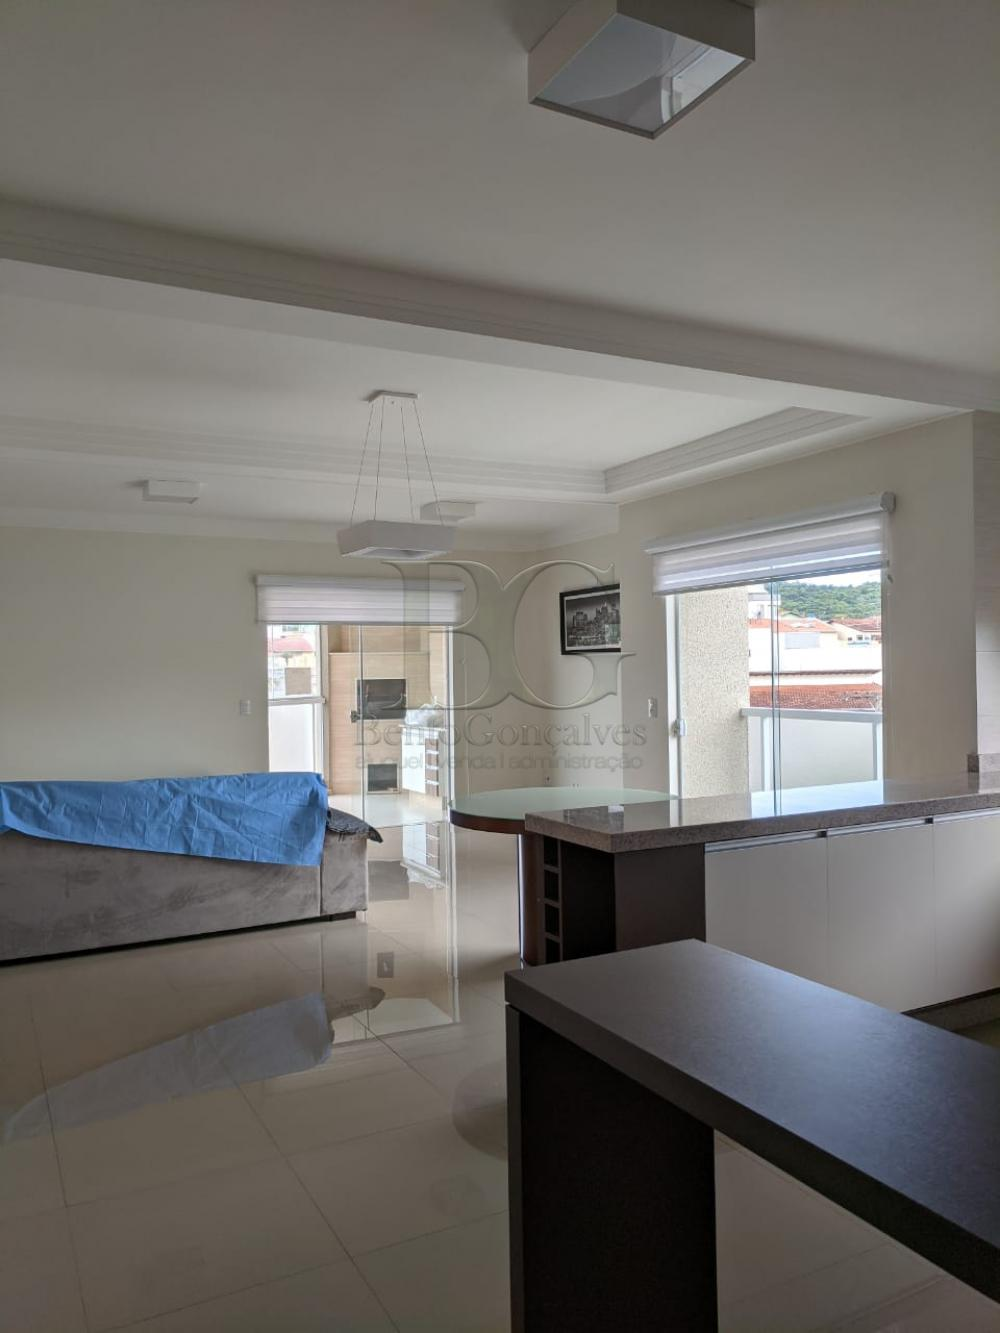 Comprar Apartamentos / Padrão em Poços de Caldas apenas R$ 670.000,00 - Foto 9